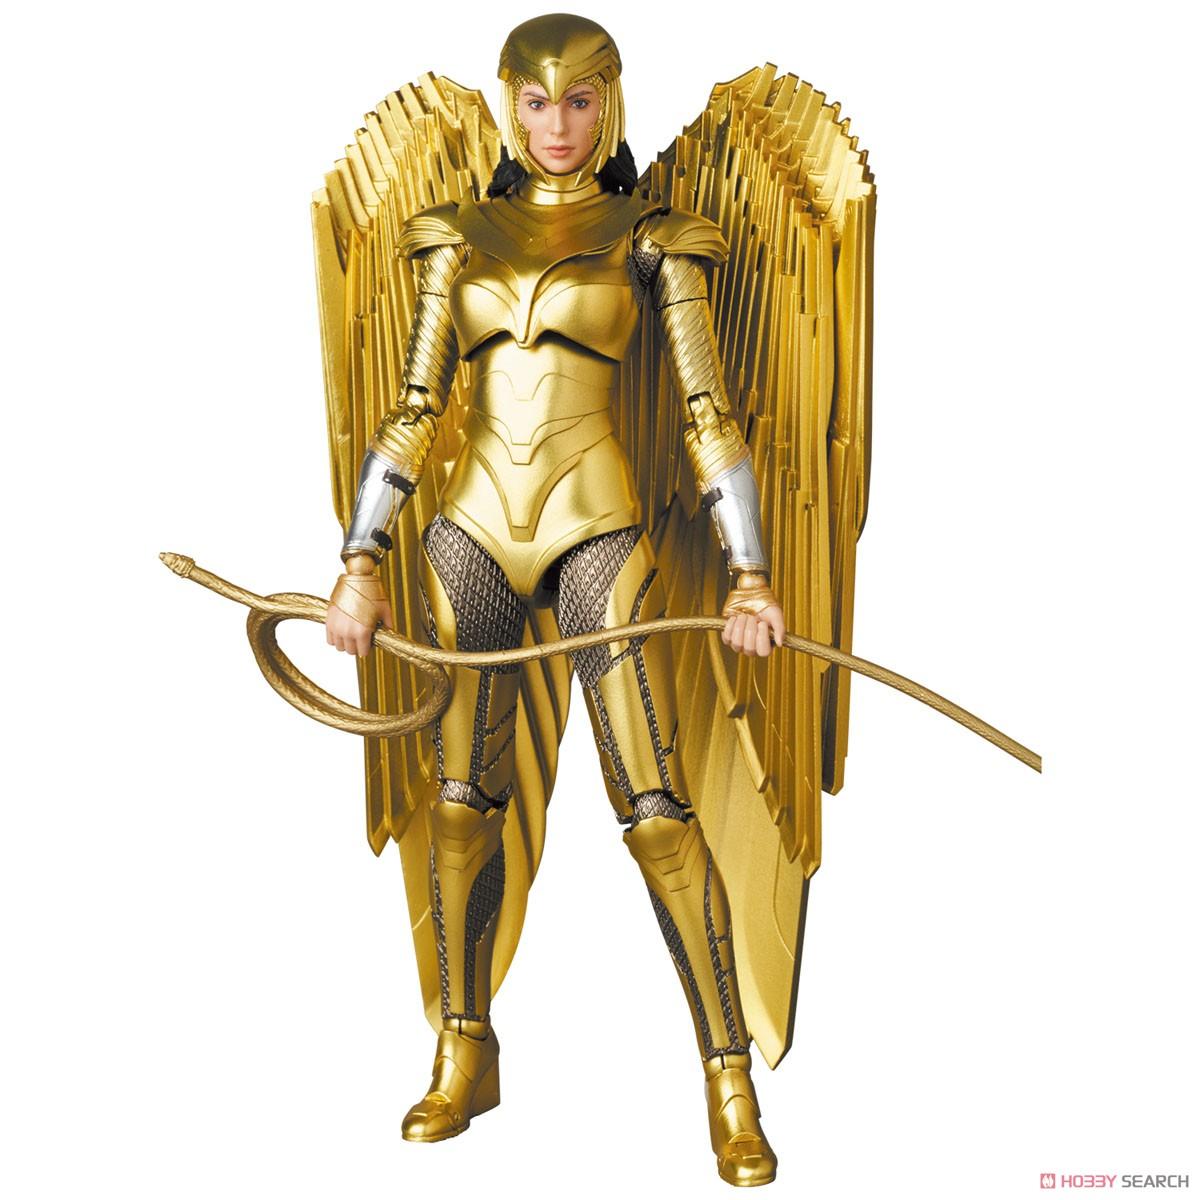 マフェックス No.148 MAFEX『ワンダーウーマン 1984 ゴールドアーマー版/WONDER WOMAN GOLDEN ARMOR Ver.』可動フィギュア-001